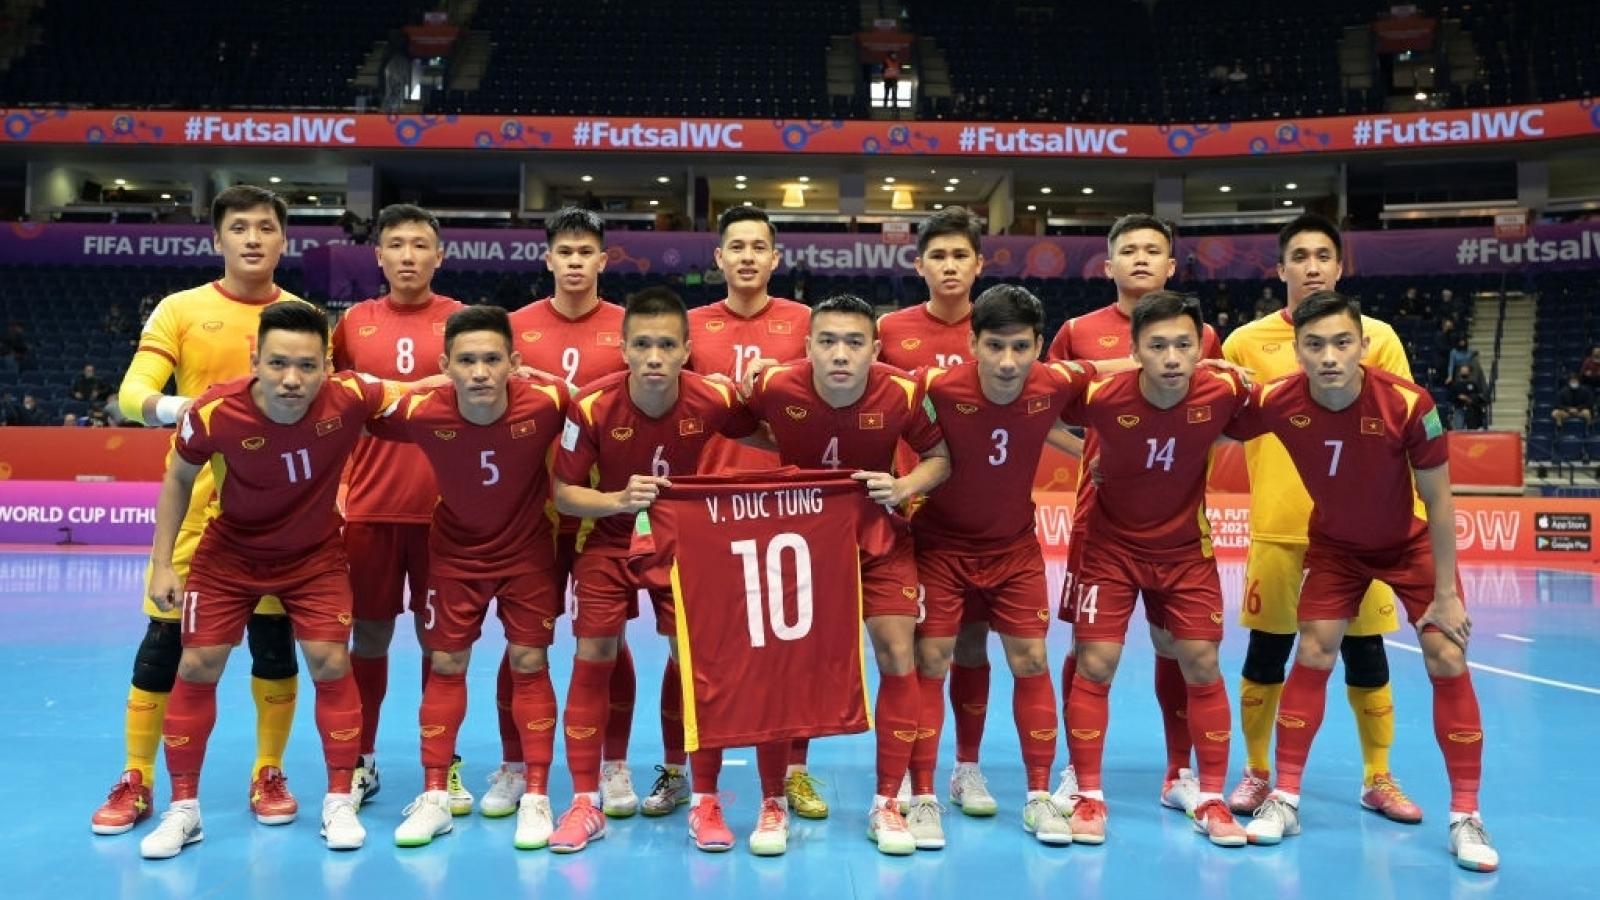 Trực tiếp ĐT Futsal Việt Nam 0-0 ĐT Futsal Nga: Tranh vé vào tứ kết World Cup